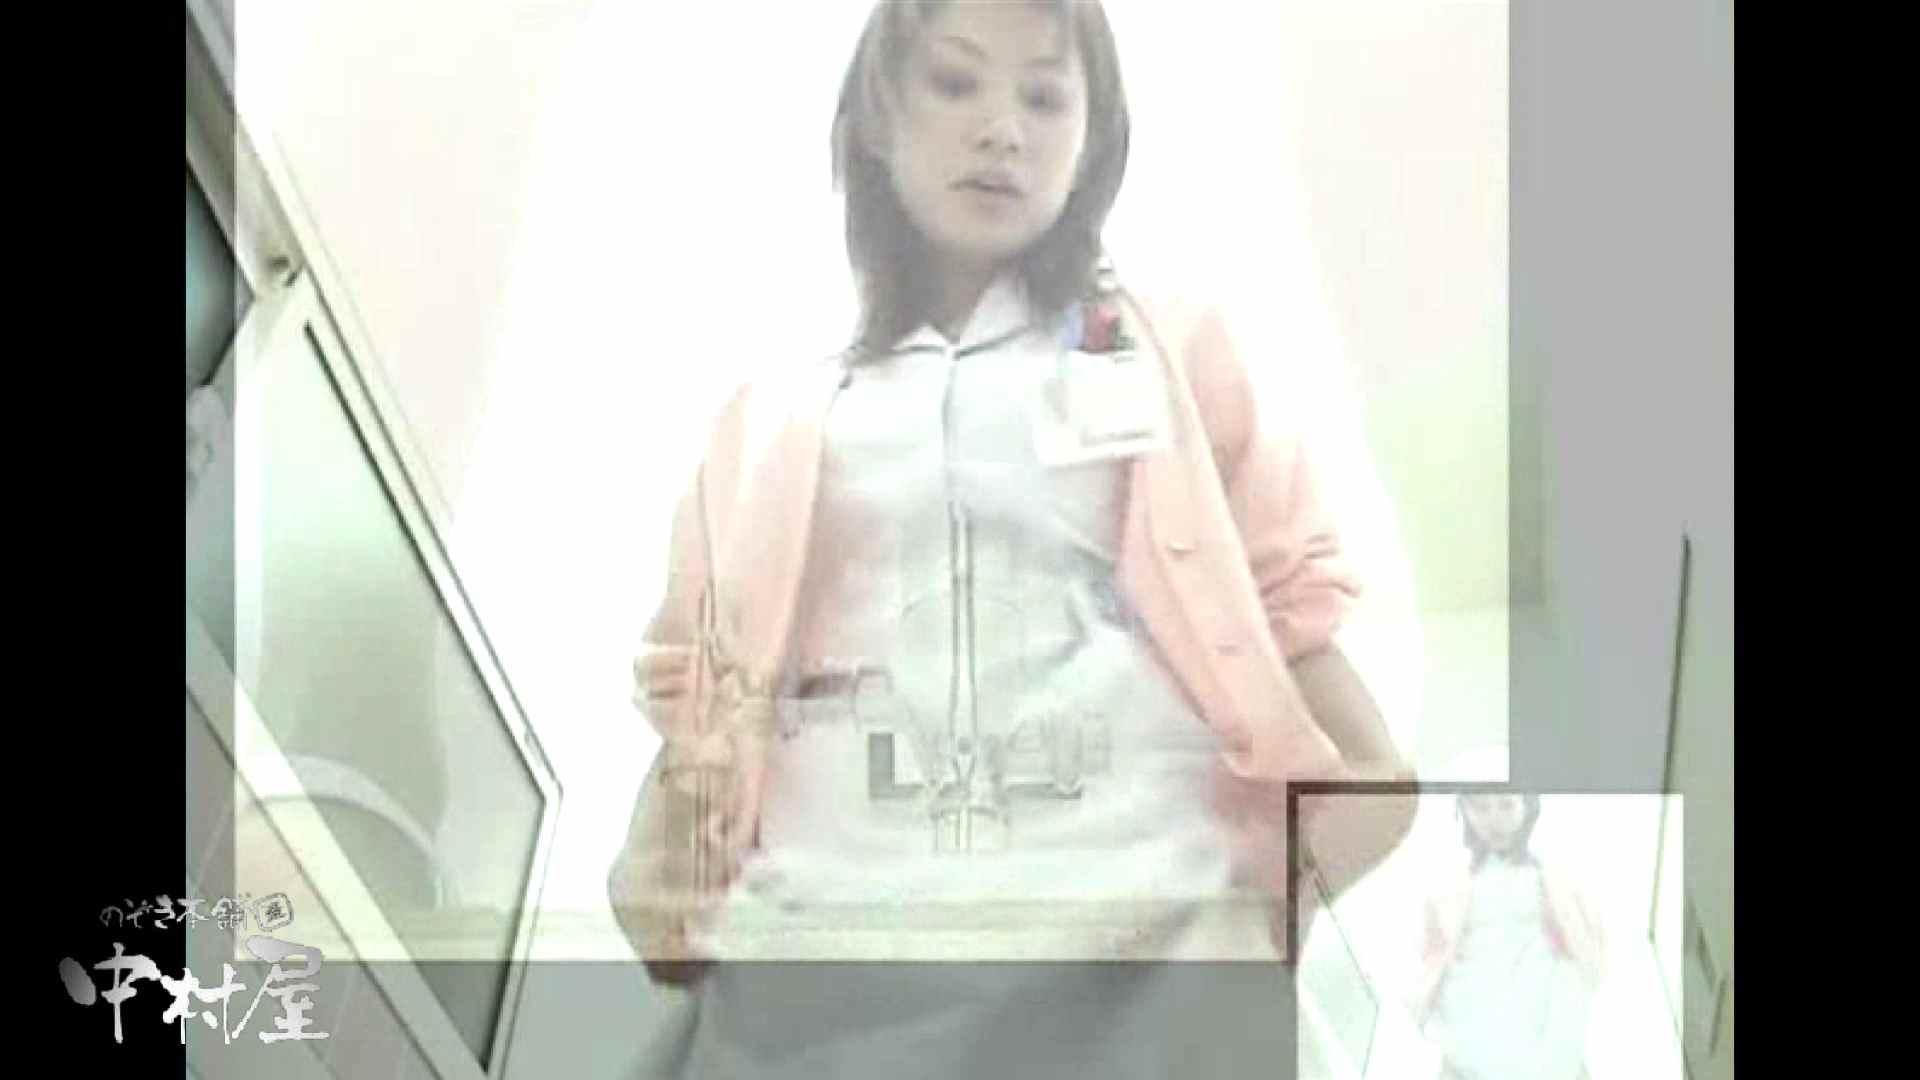 都内某大学病院編 和式イ更所盗撮 その⑥ 3名 エッチな盗撮 AV無料動画キャプチャ 105pic 37